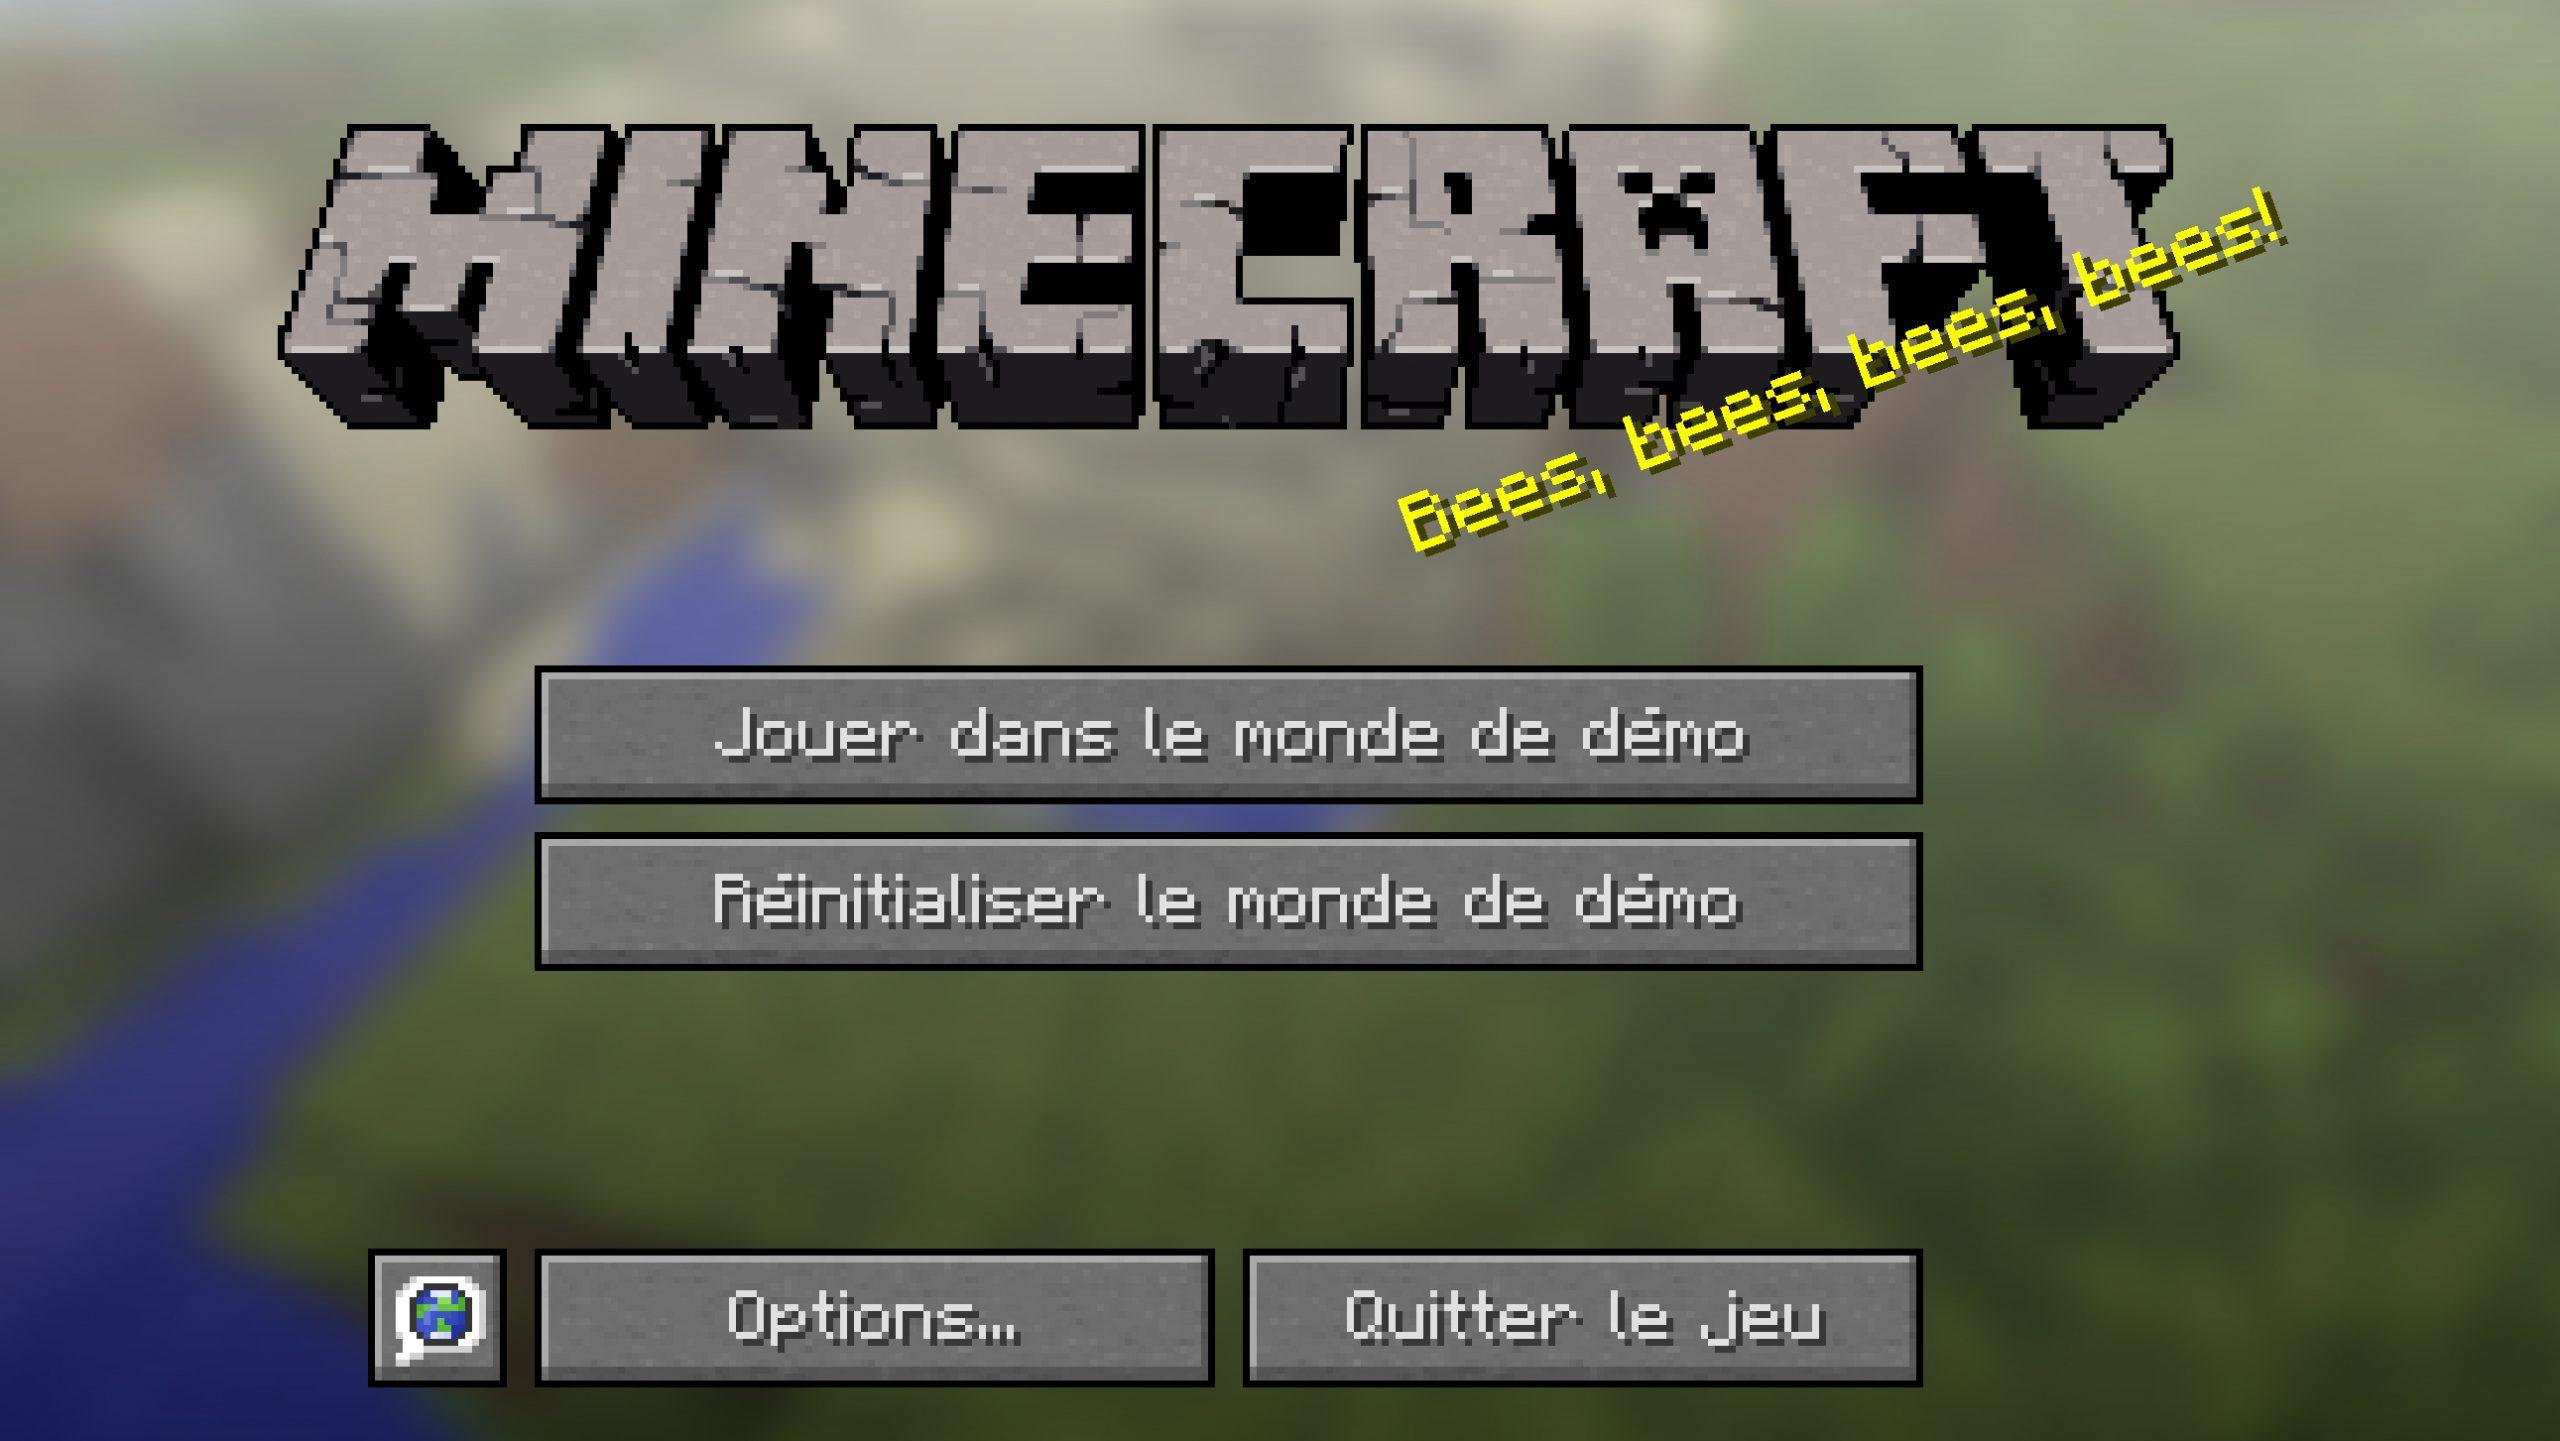 Telecharger Le Jeu Minecraft - Mincraft Gratuit intérieur Jeux À Télécharger Gratuitement Sur Pc